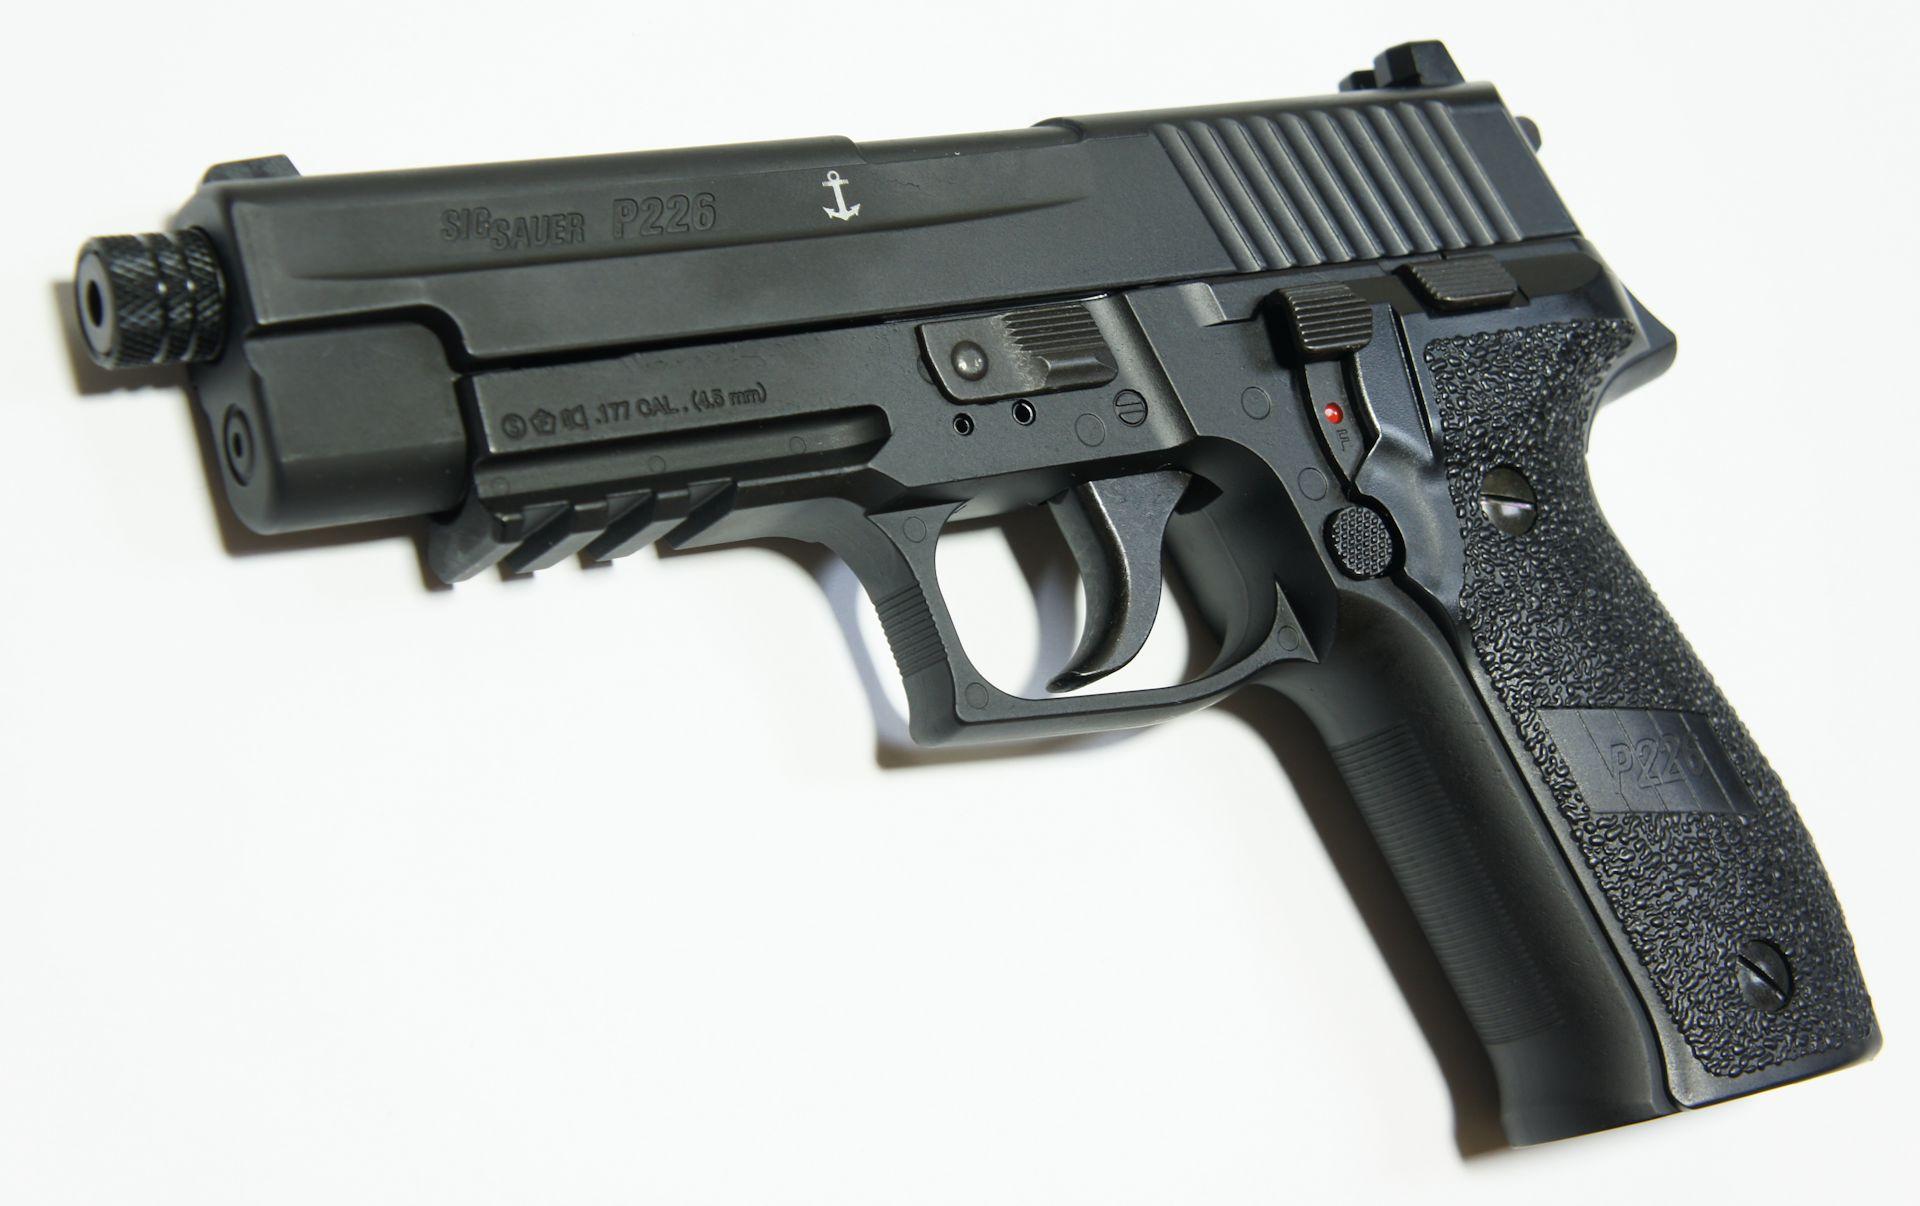 SIG P226 CO2-Pistole - 4,5 mm Laufgewinde und Mündungamutter